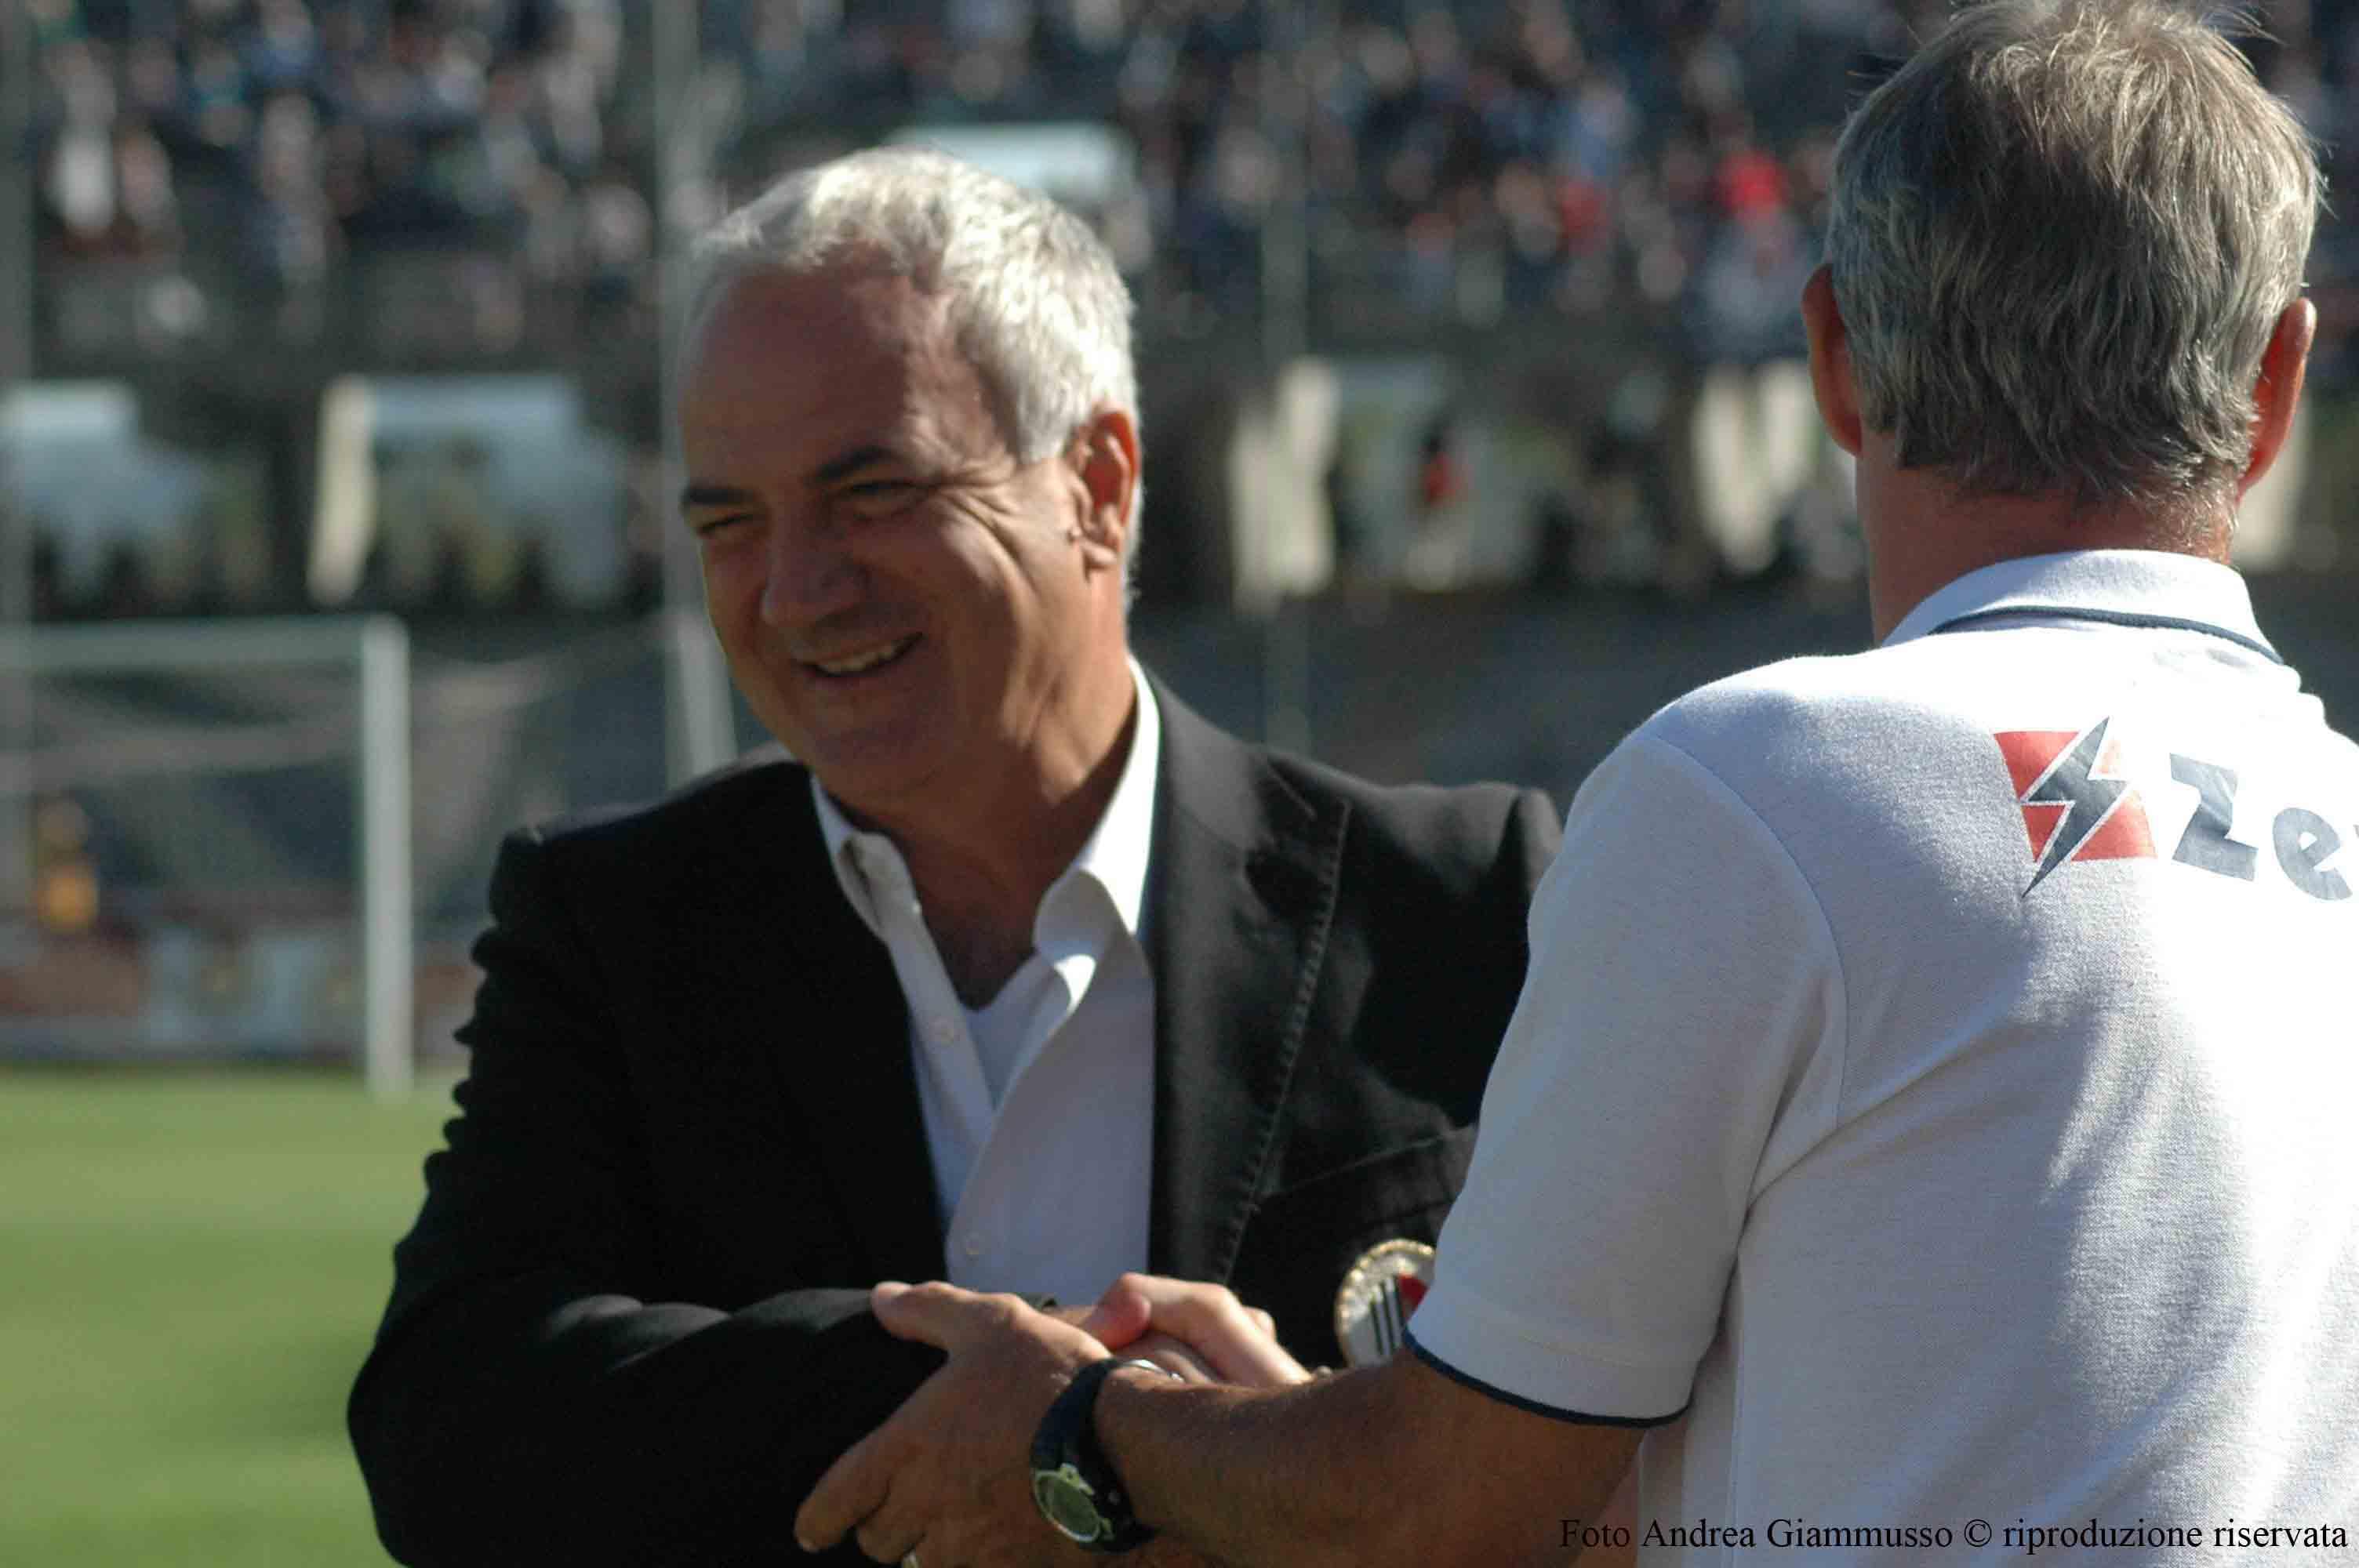 Silva saluta Drago ad inizio gara (Ascoli-Crotone, giammusso)